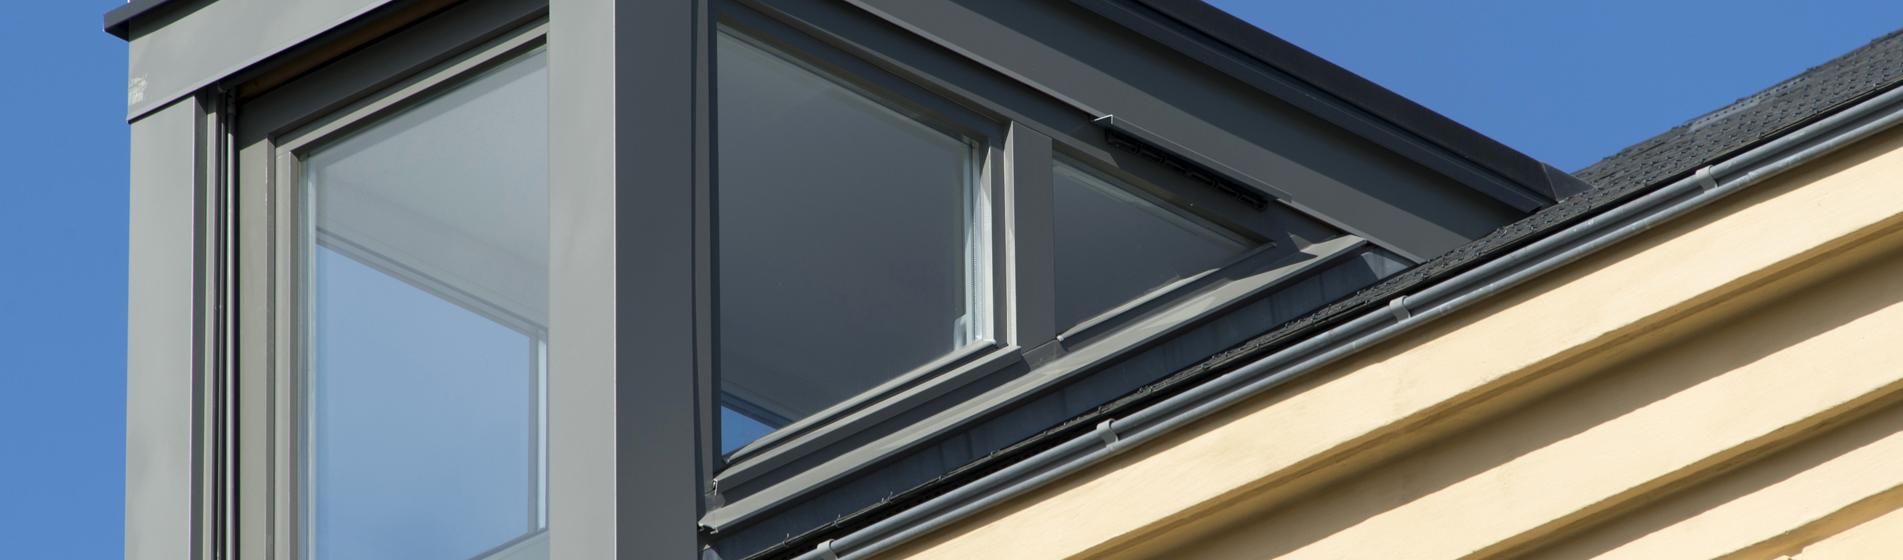 Fenêtre Alu 84 Vaucluse